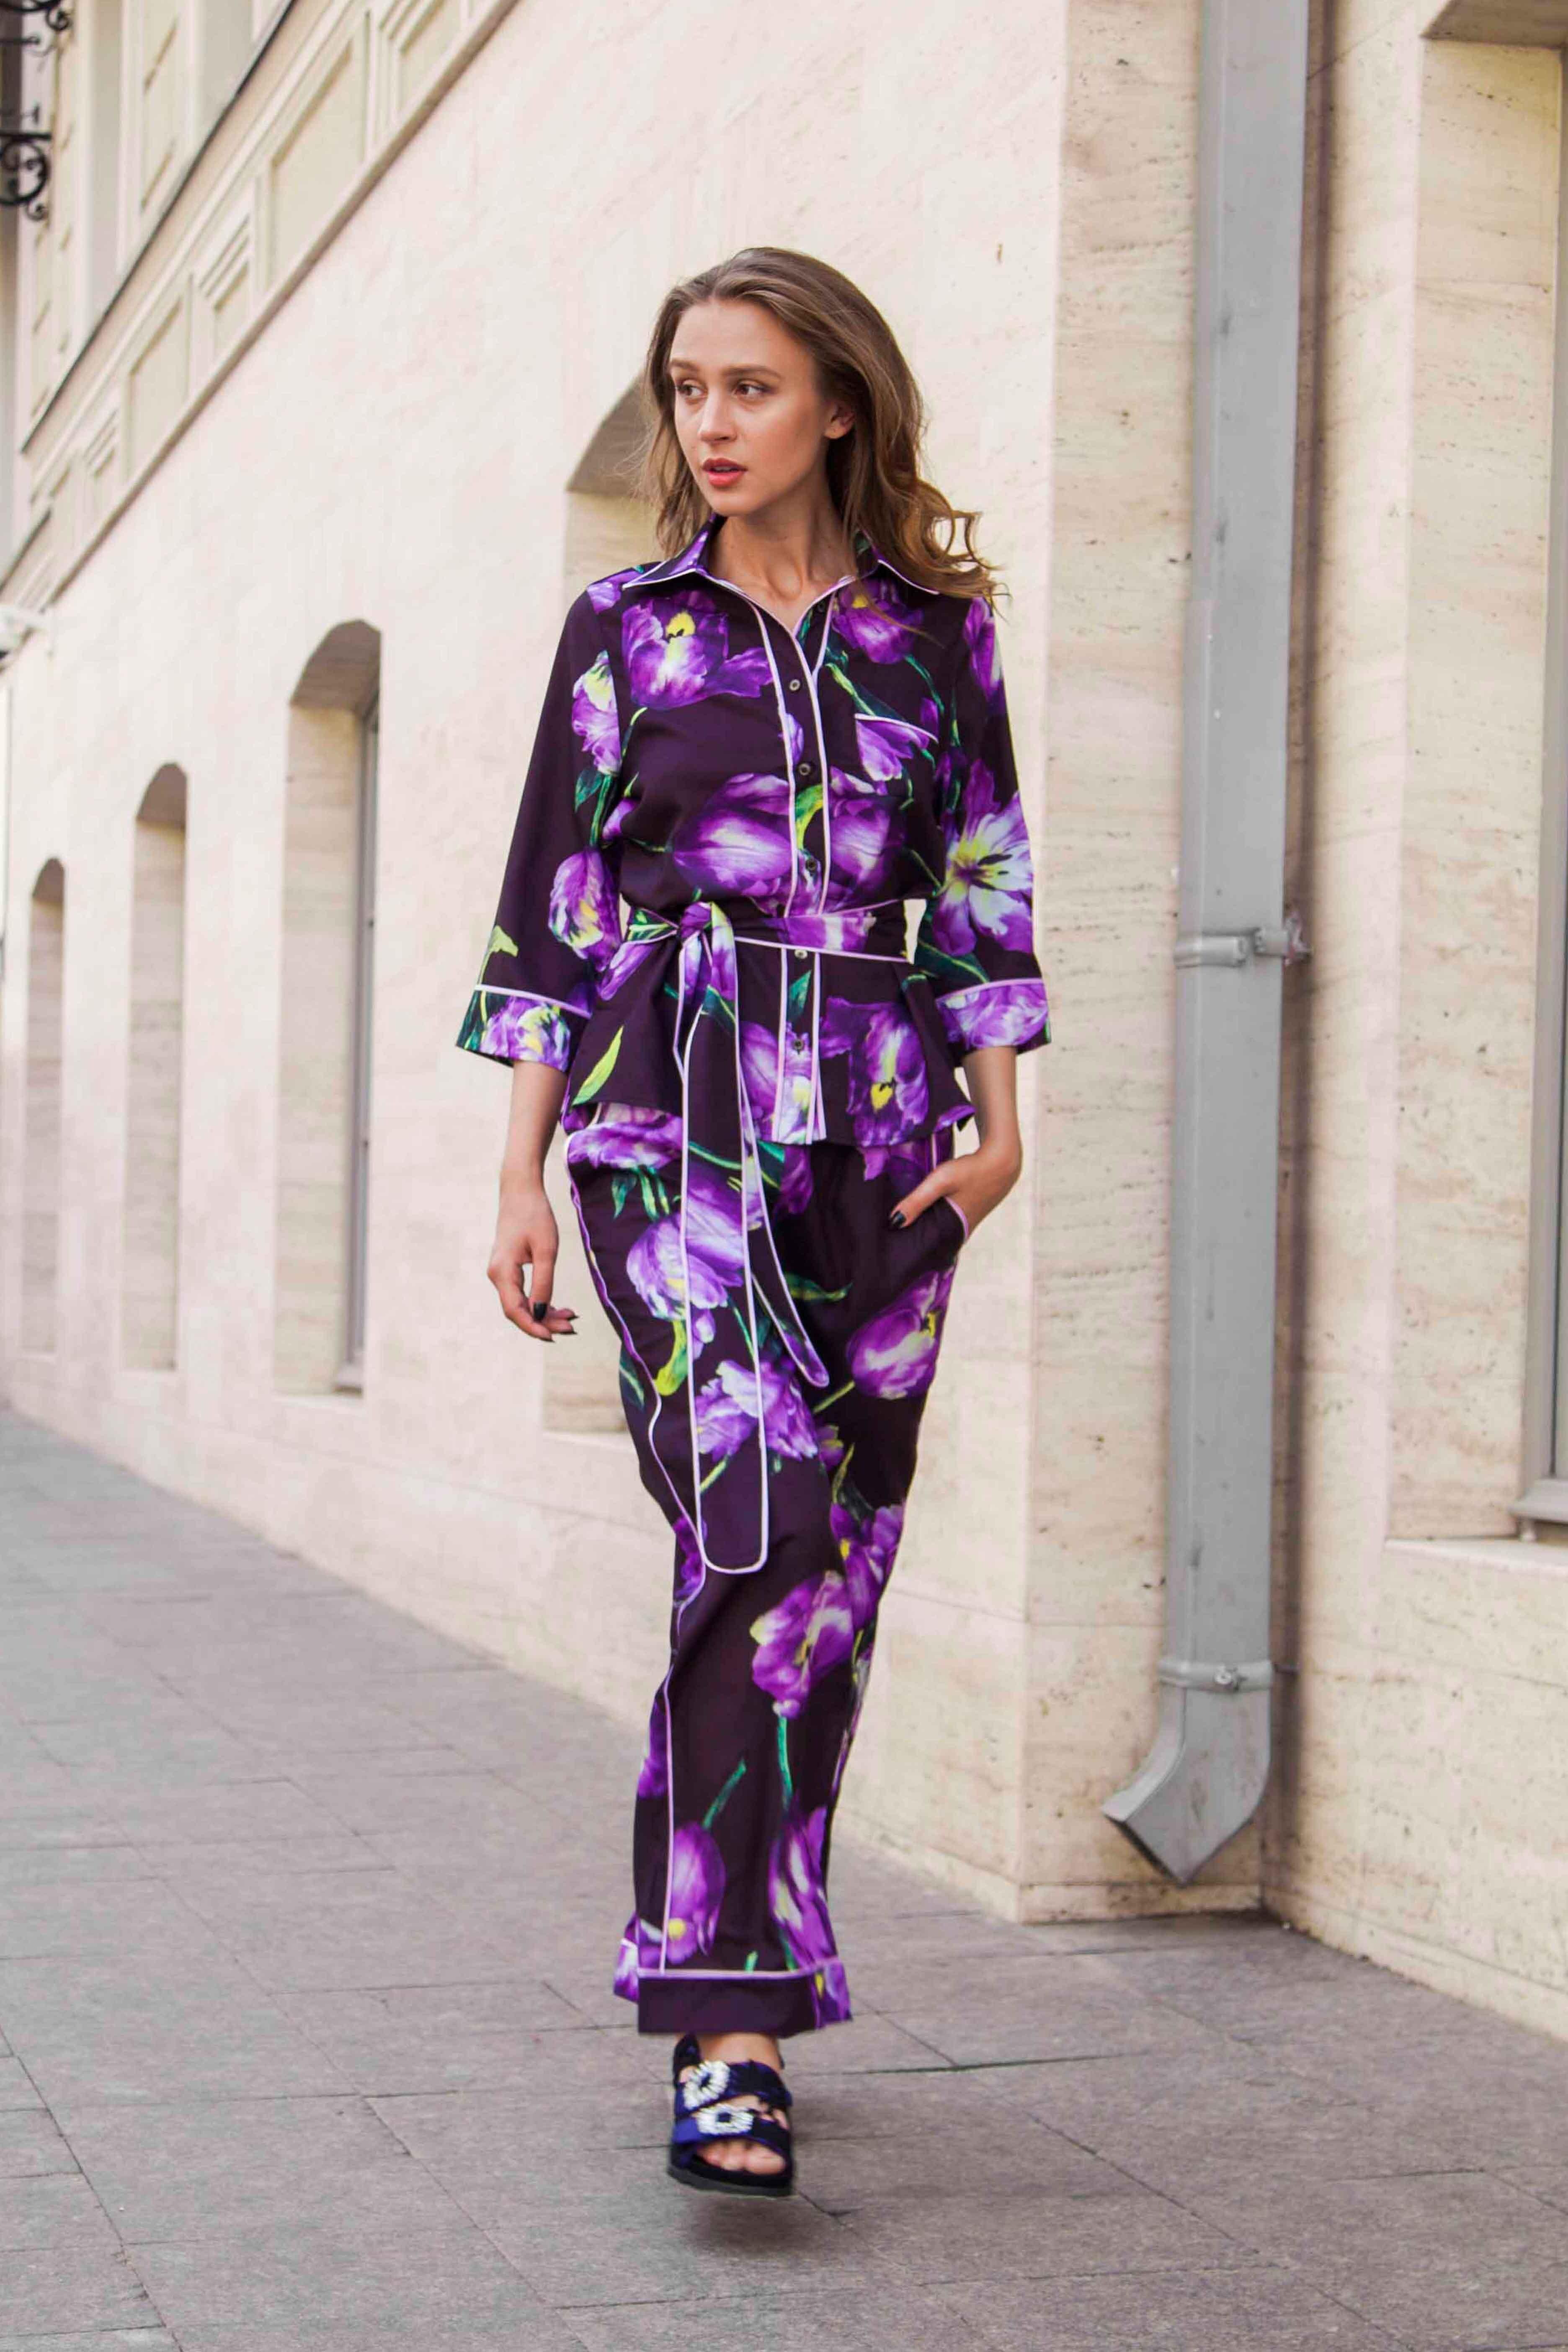 b810f6b72247 Пижама Dolce&Gabbana 5202 - купить в Киеве, низкие цены в Одессе и ...